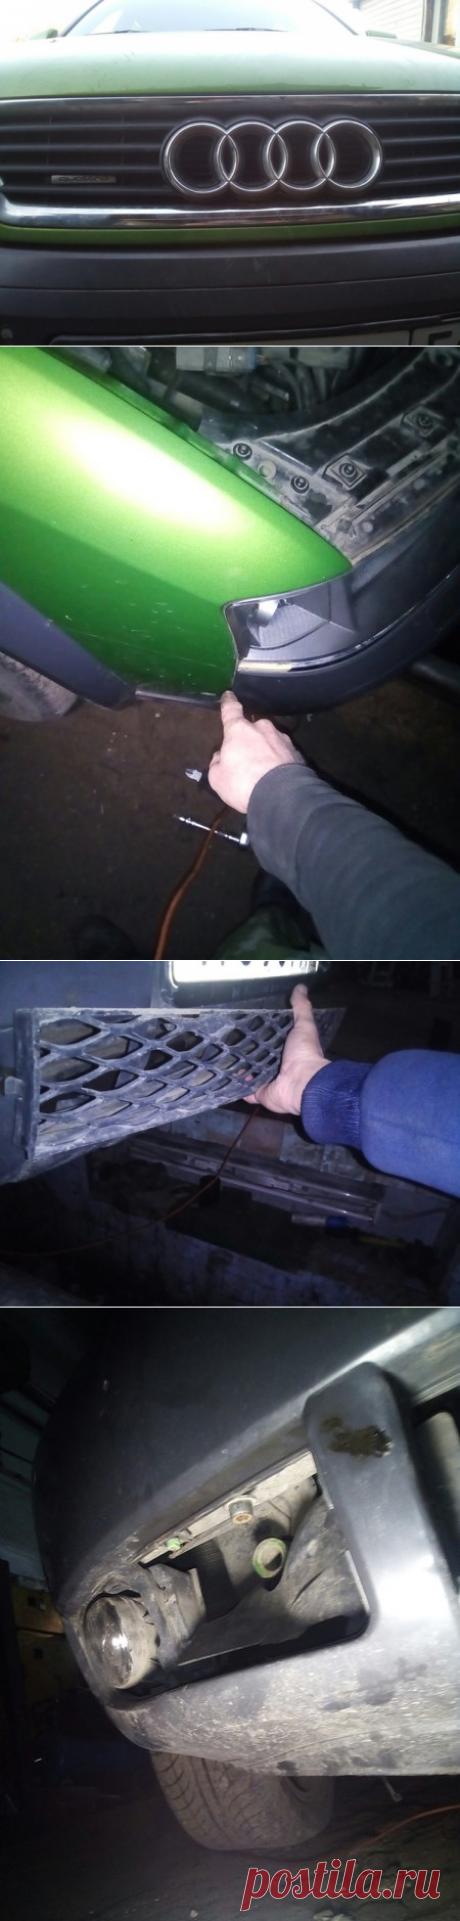 Снятие бампера на Audi A6 allroad quattro | Заметки автомеханика | Яндекс Дзен